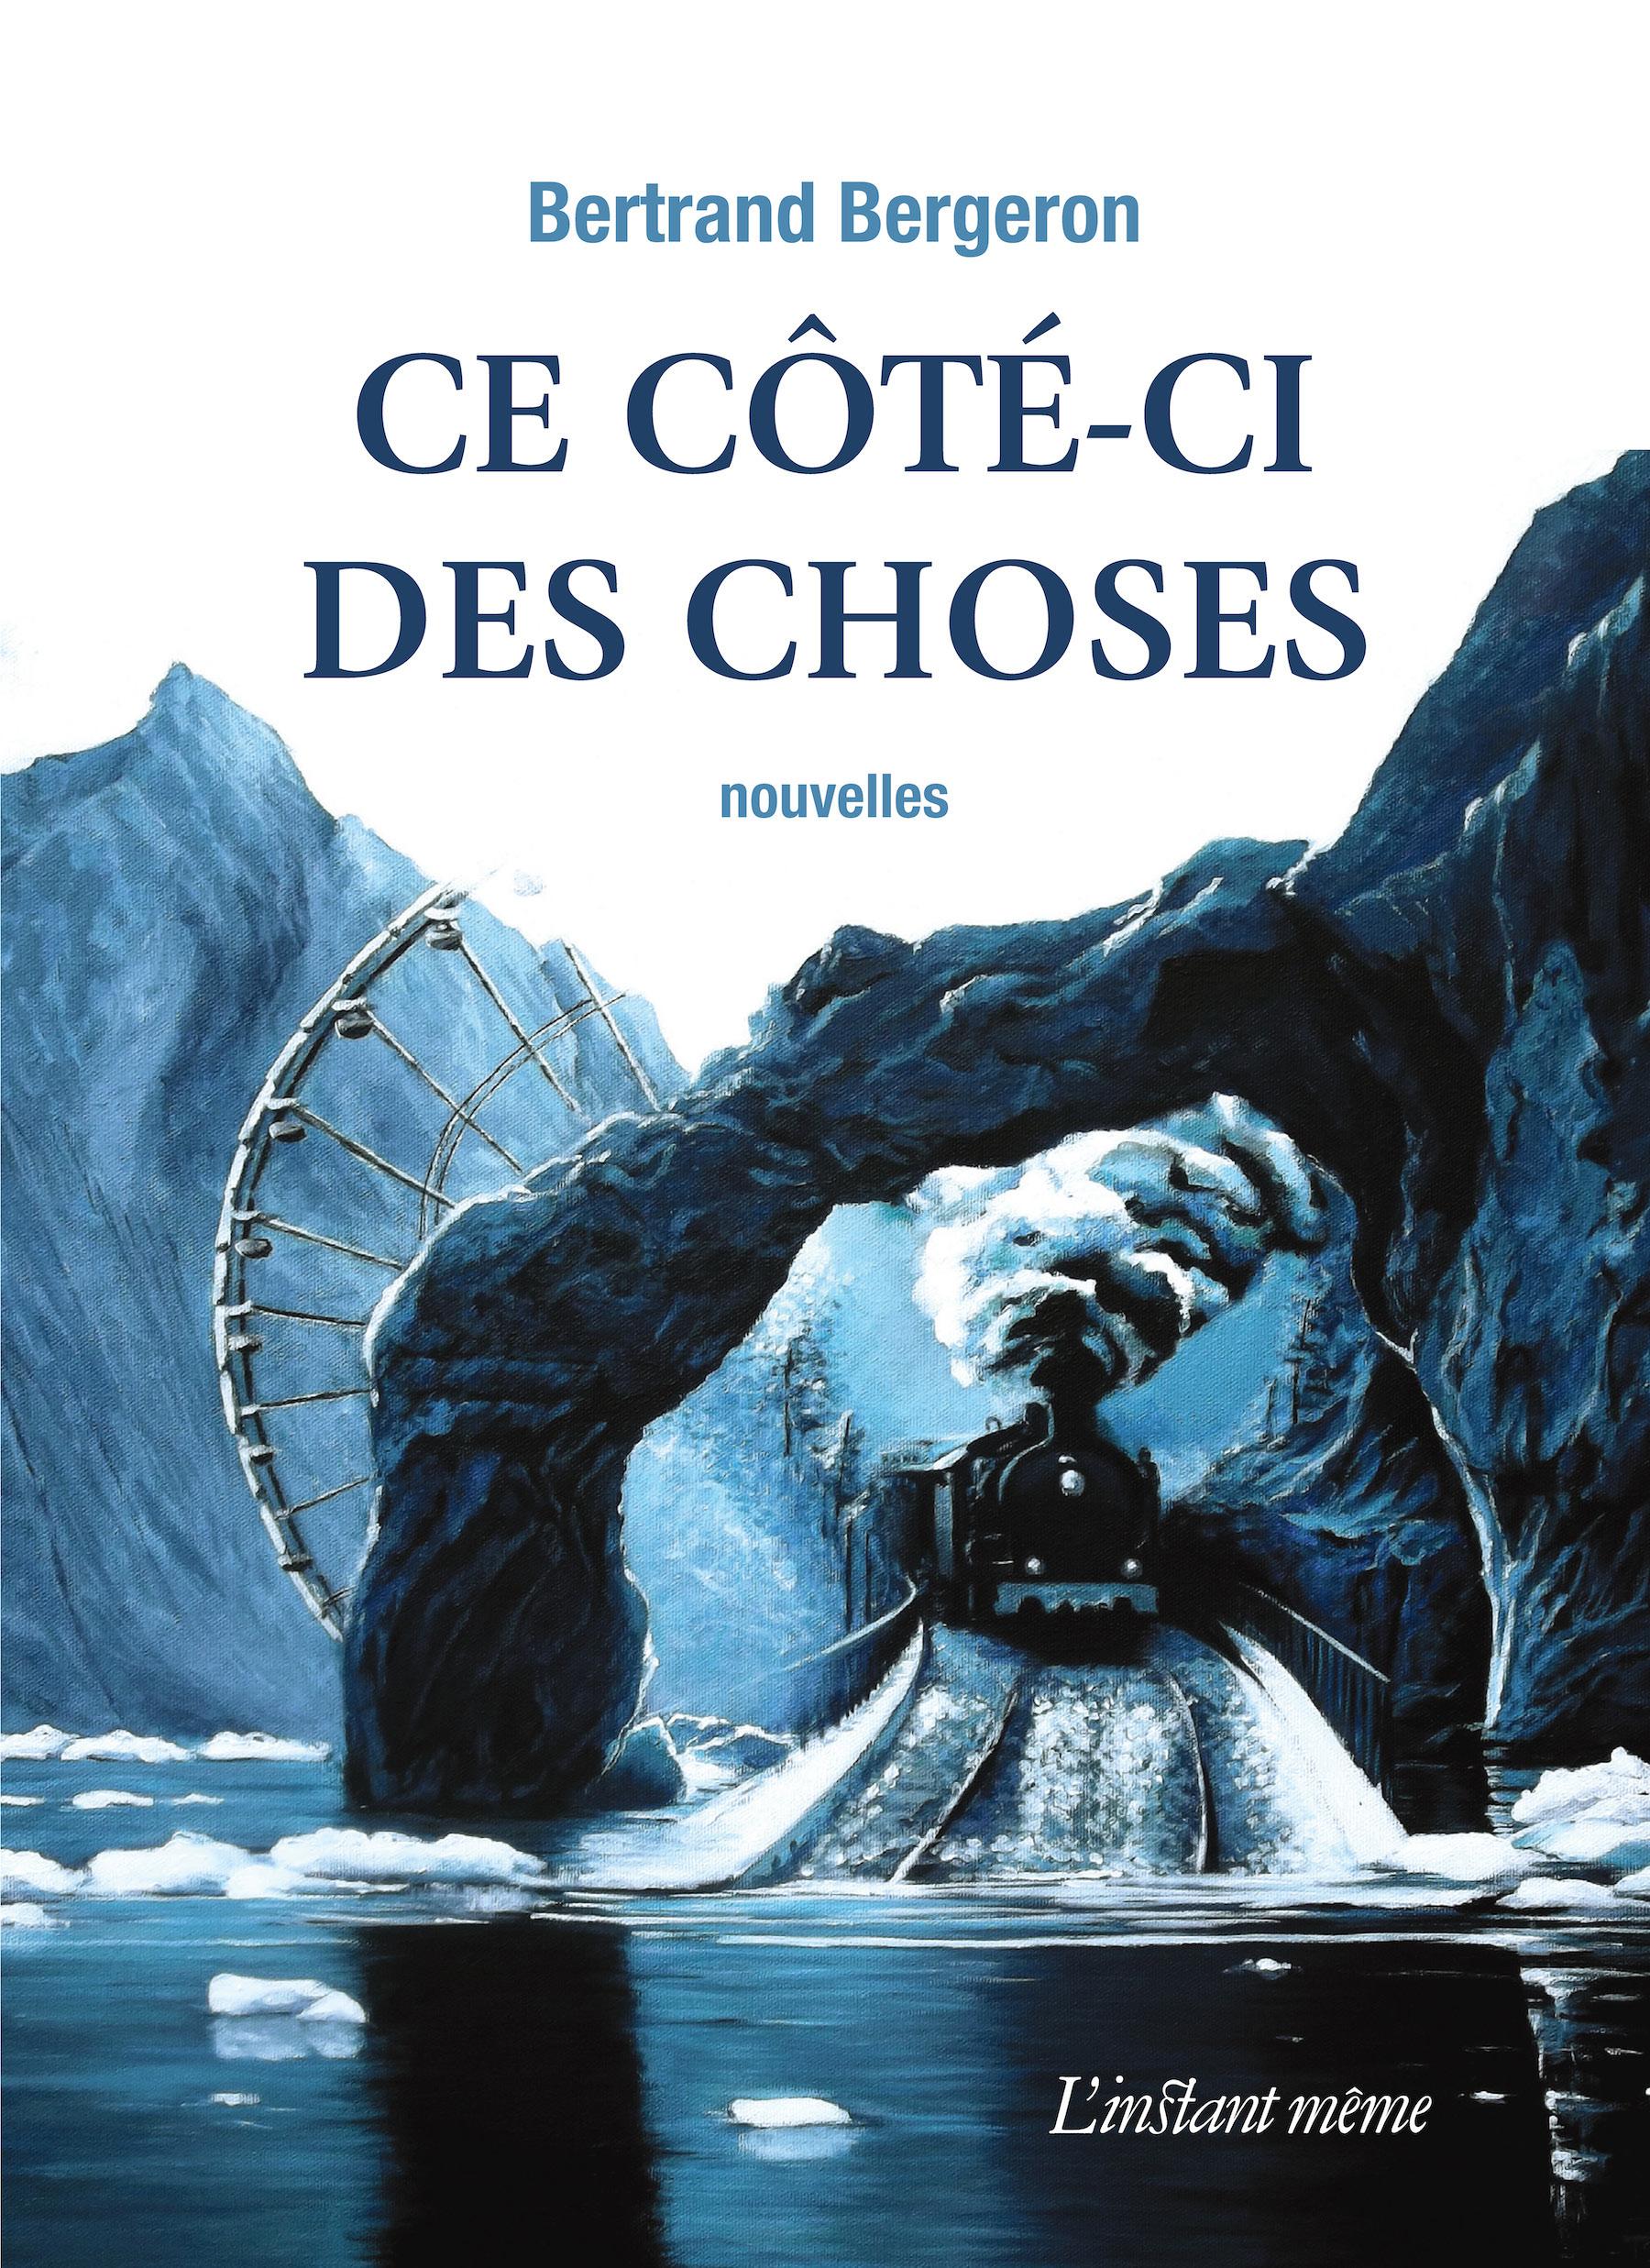 CE COTE-CI DES CHOSES